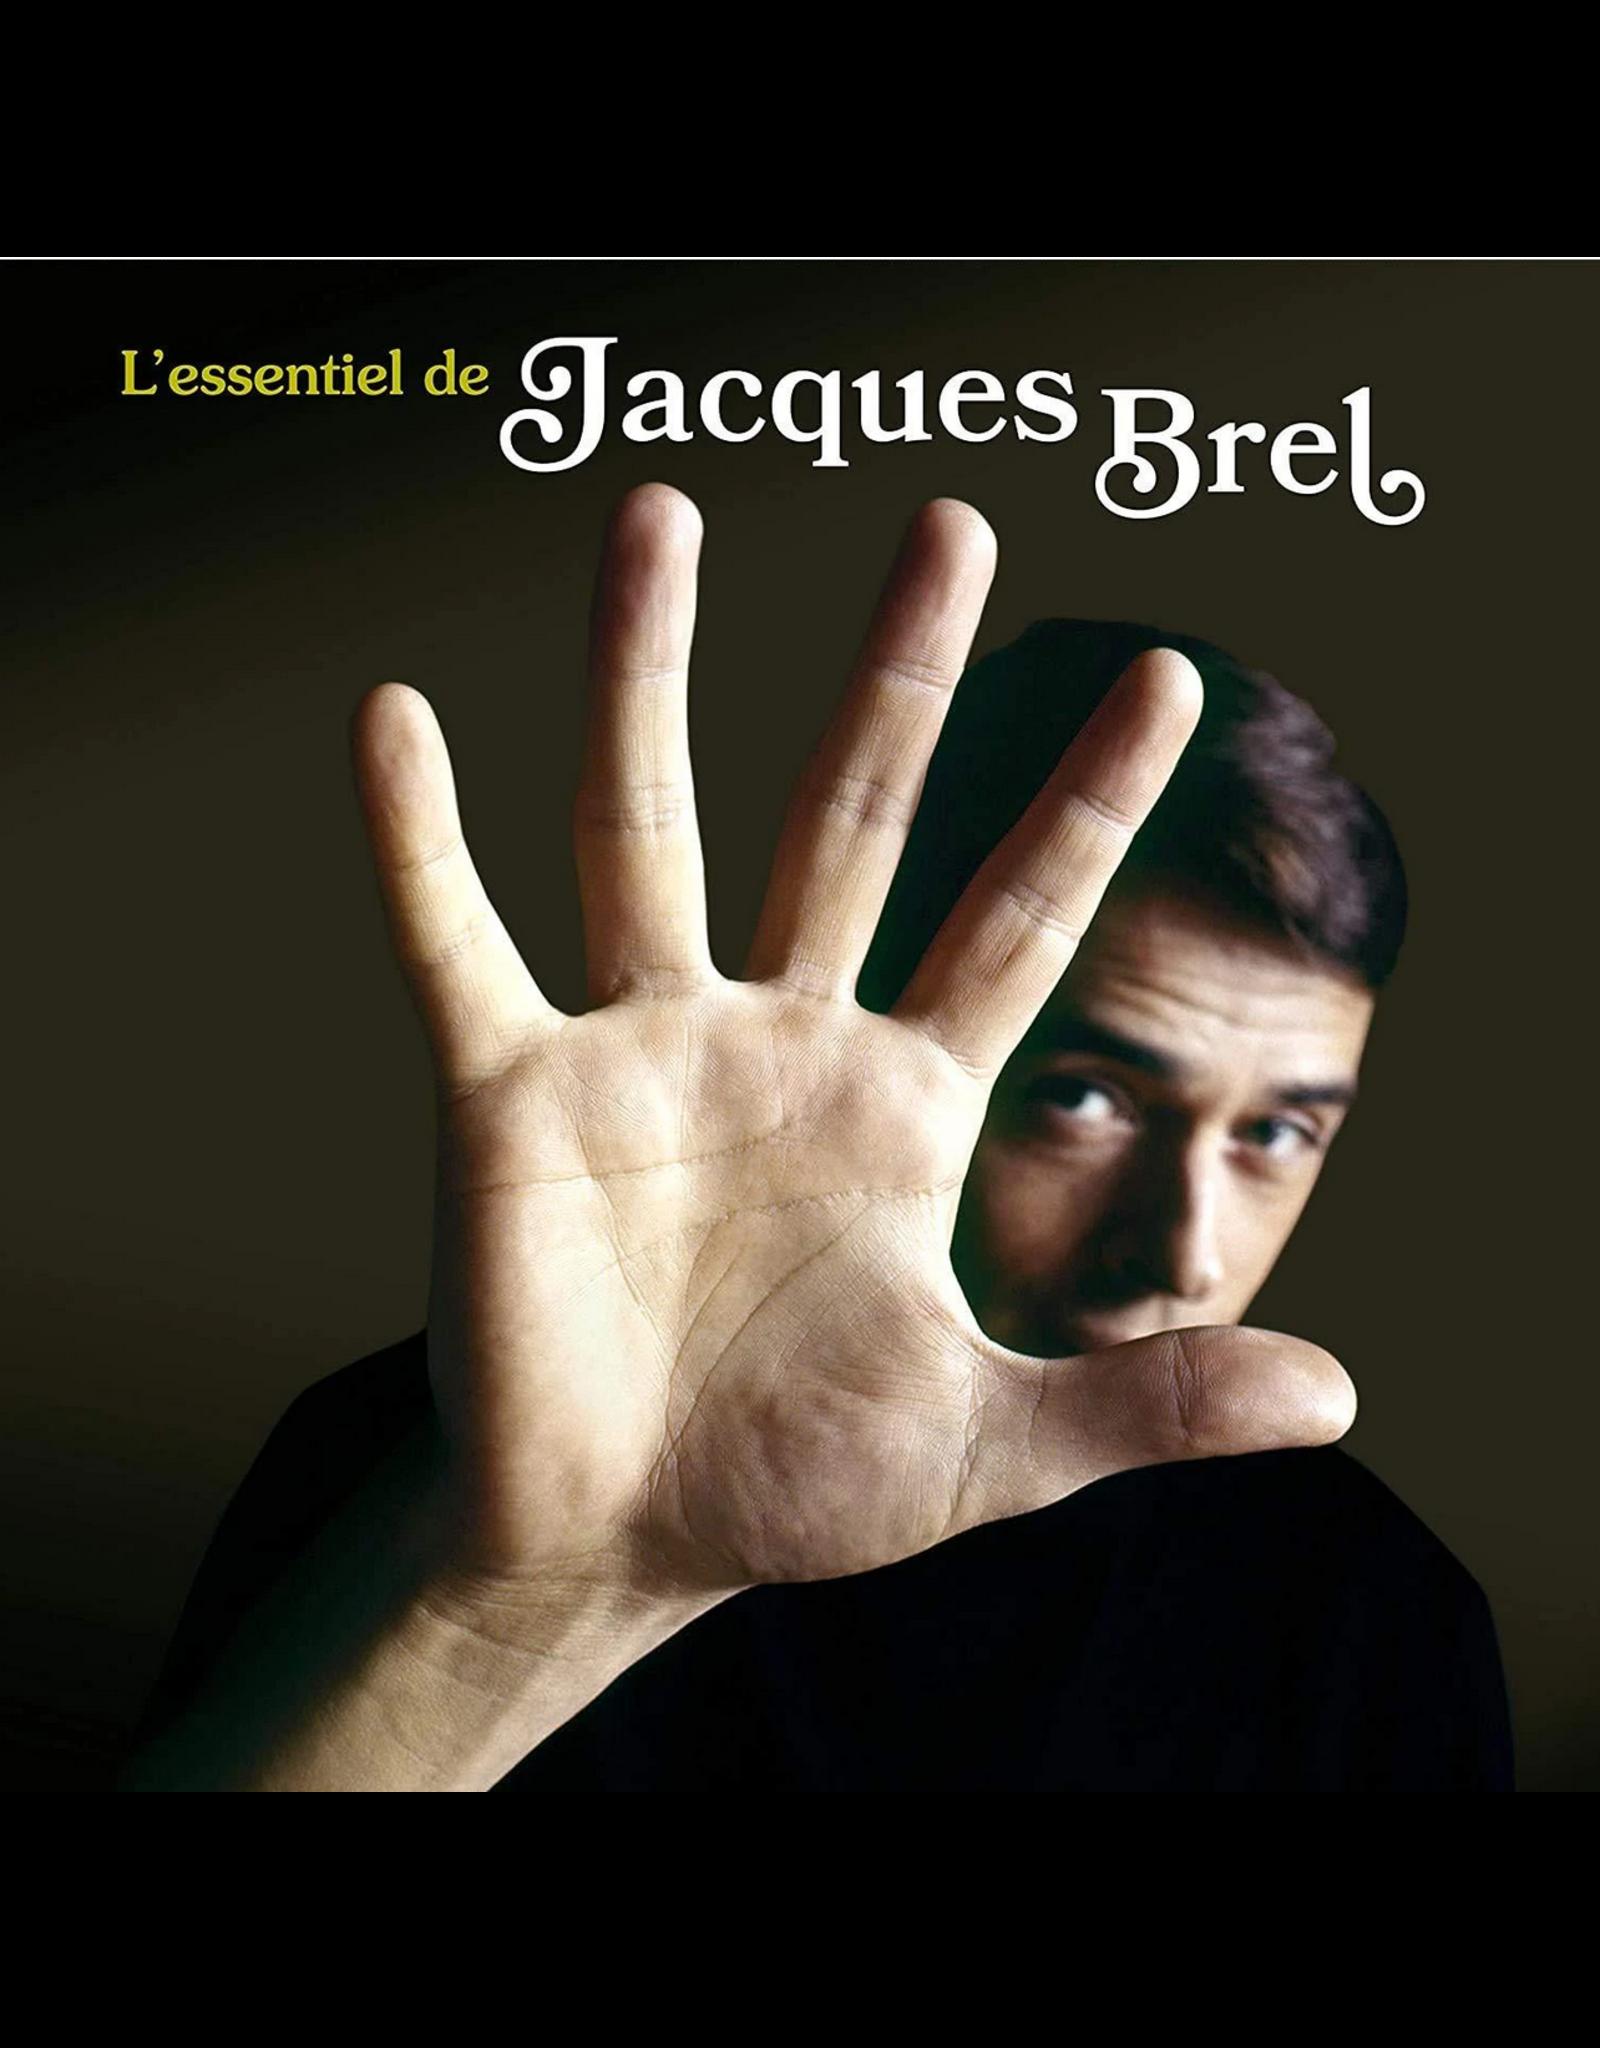 New Vinyl Jaques Brel - L'Essentiel De Jacques Brel LP